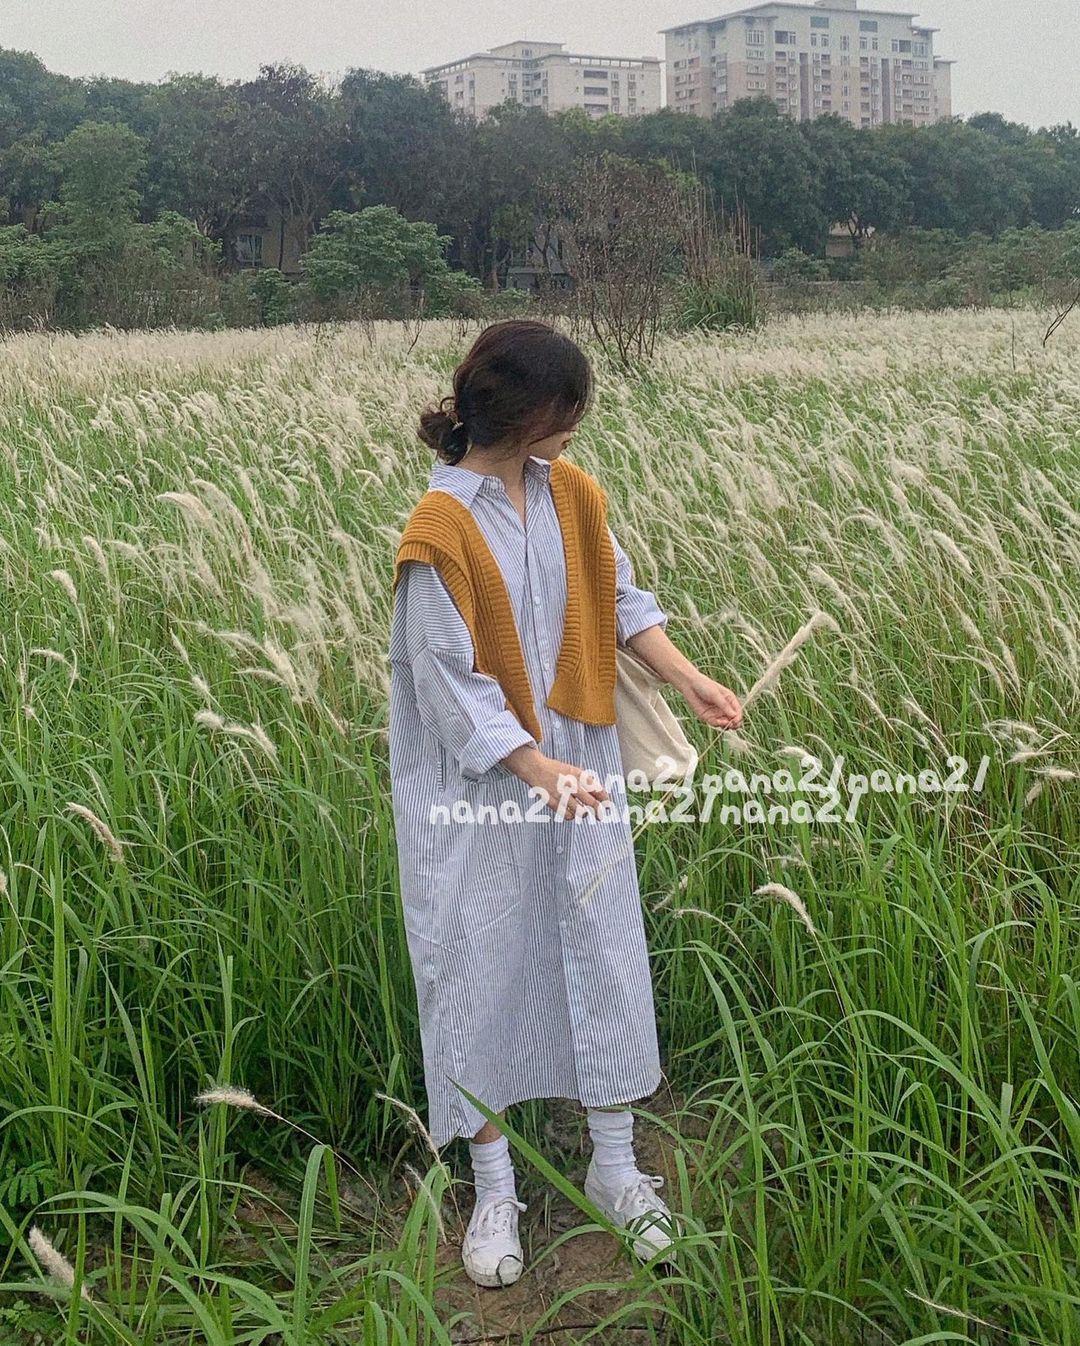 Sắm váy sơ mi rộng rãi mát mẻ mặc lên xinh như gái Hàn đi chị em, giá chỉ từ 180k thôi - Ảnh 2.